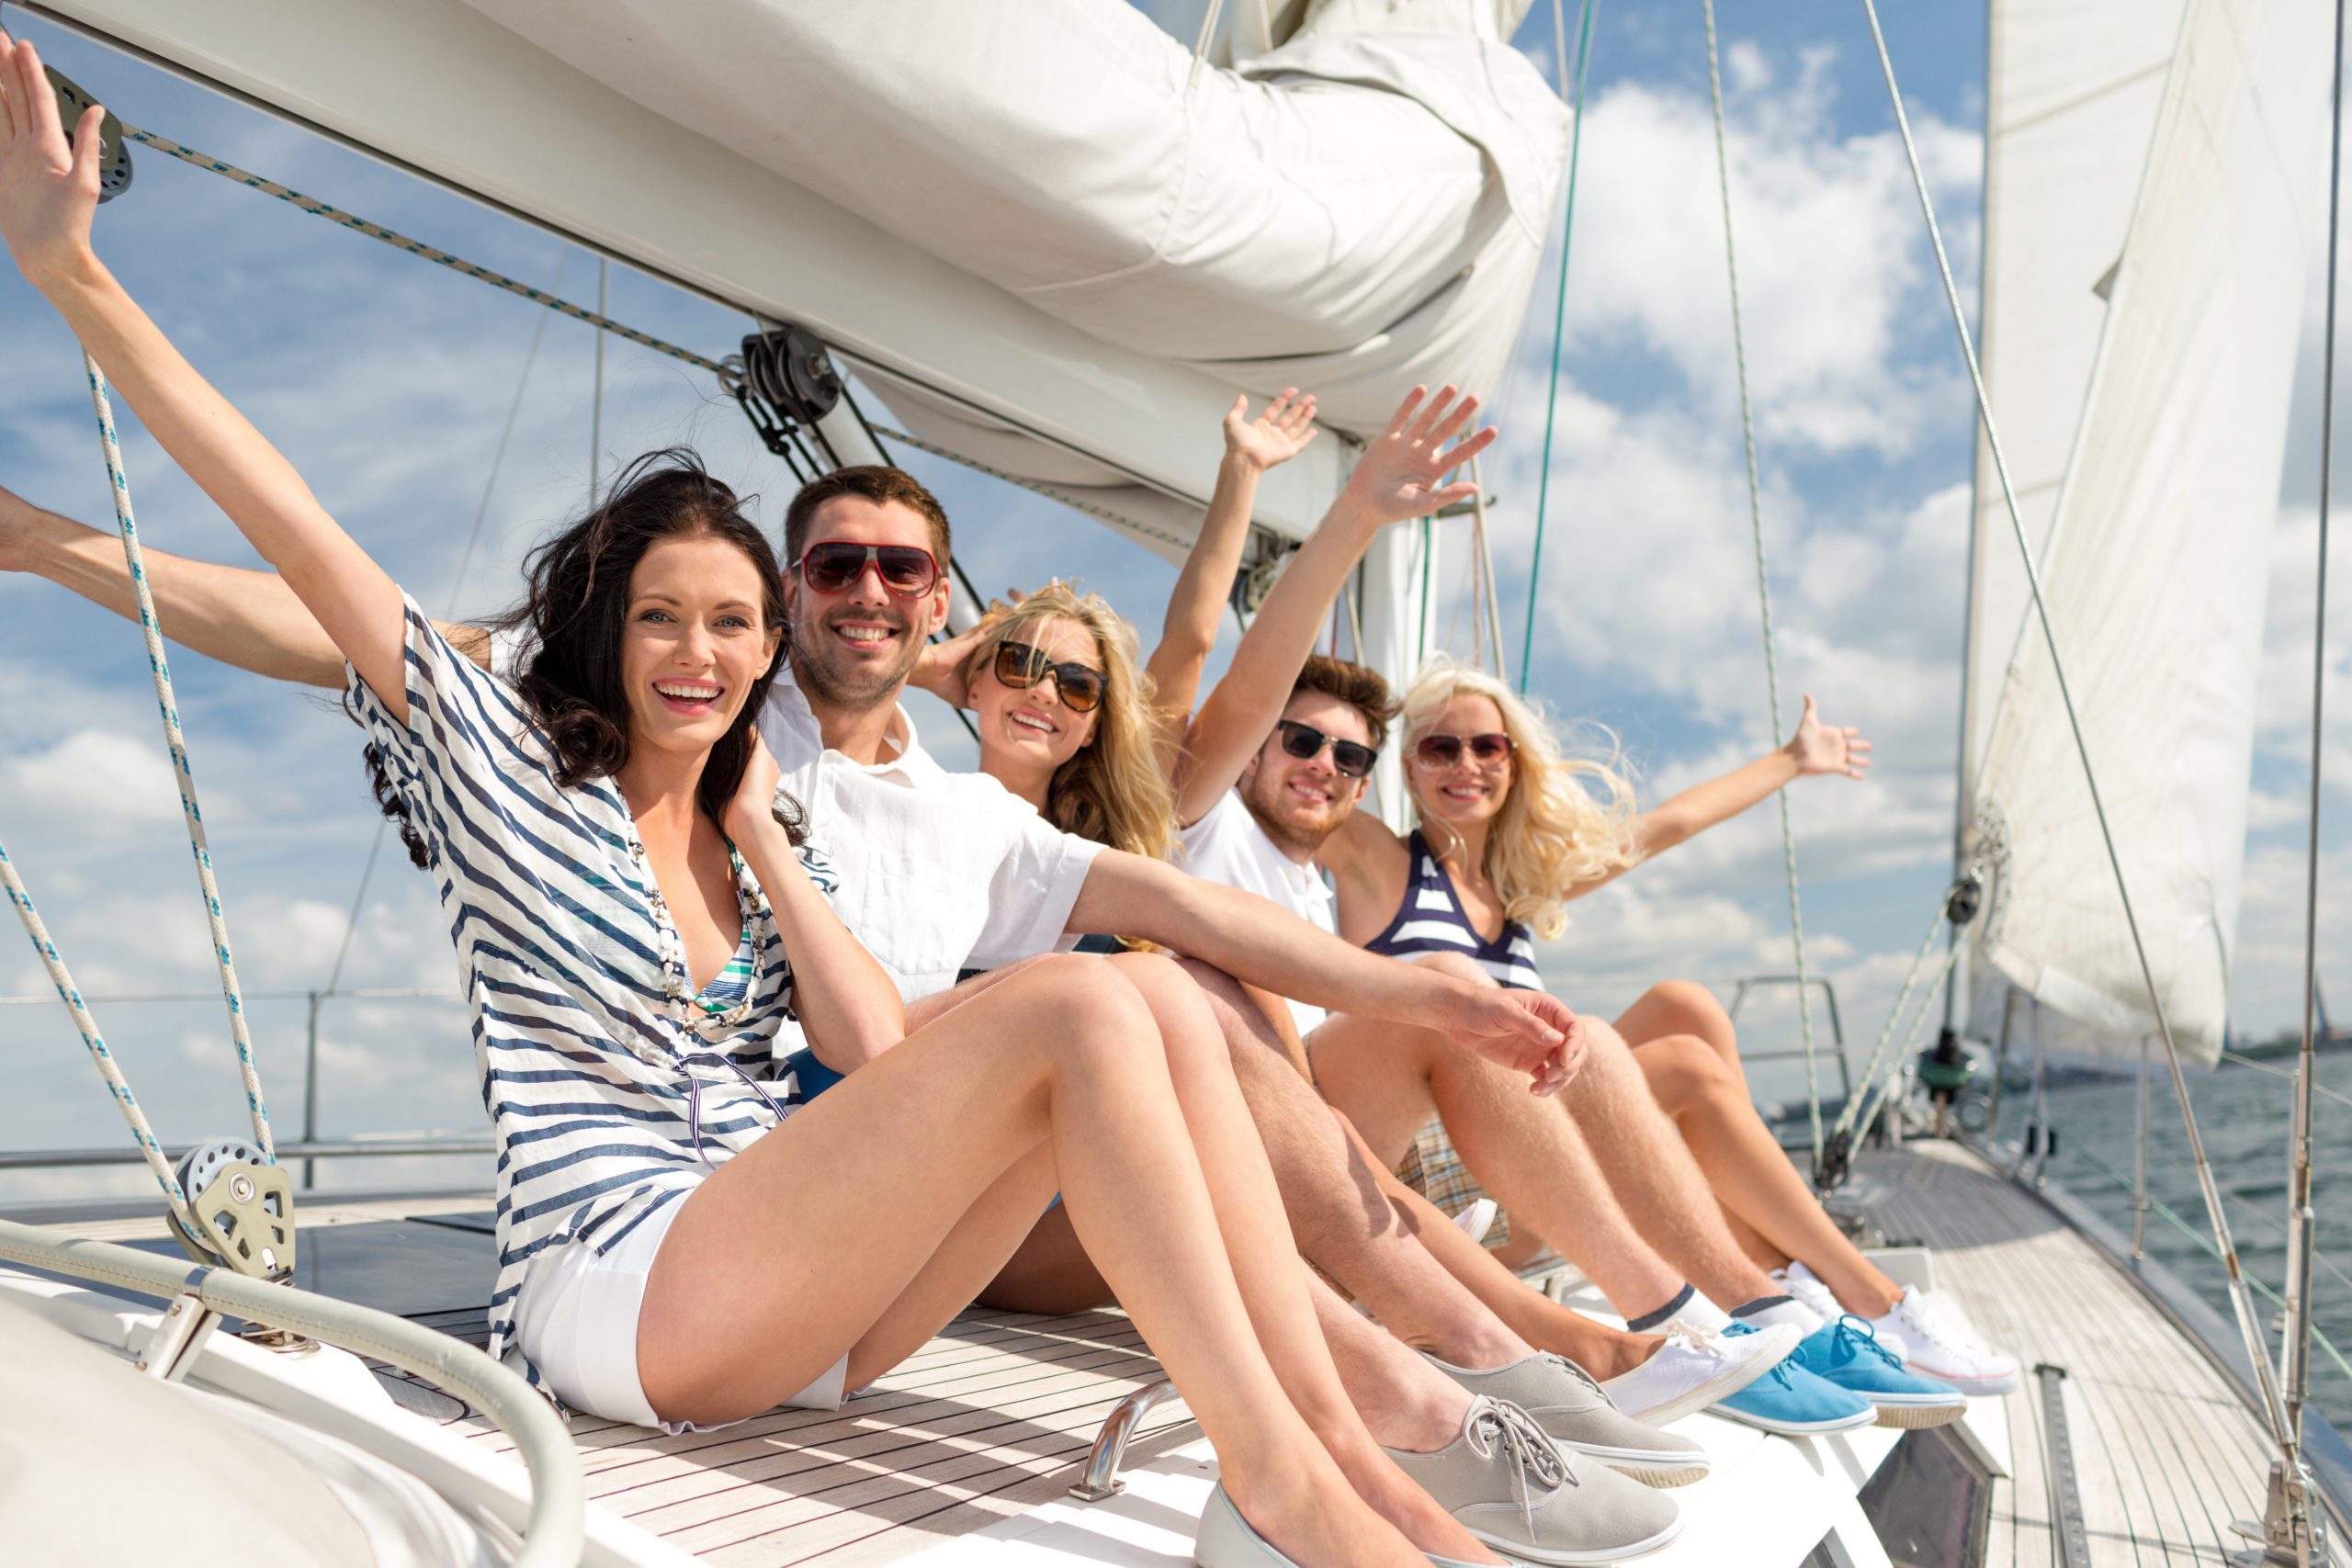 Vacaciones en velero para amigos en Ibiza Crucero con amigos en Ibiza